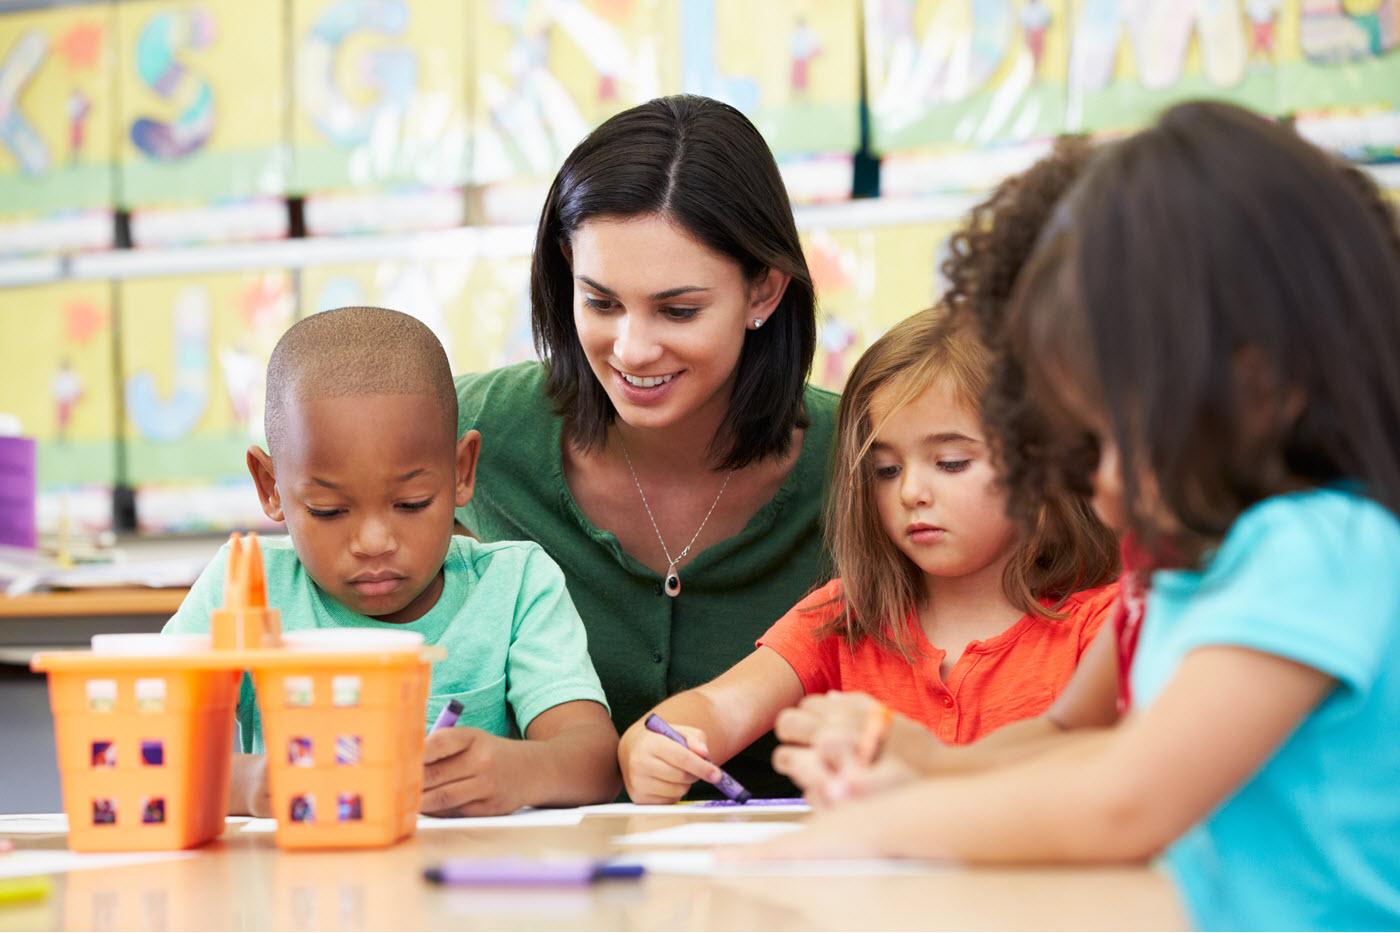 celebree teacher with children